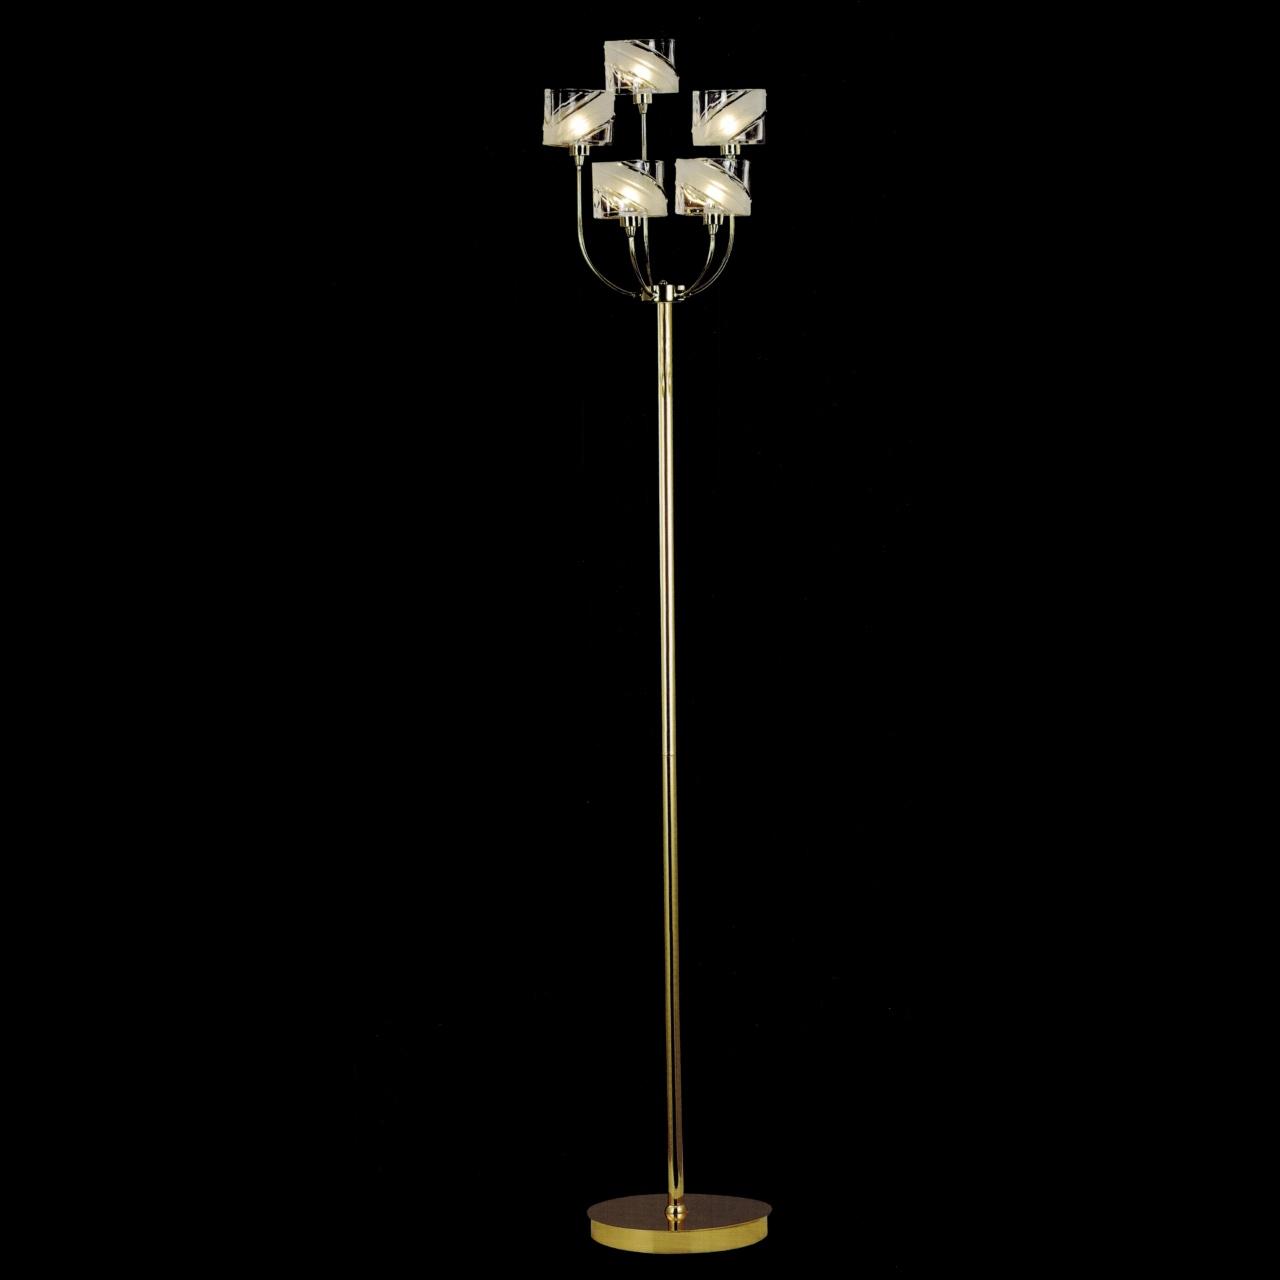 Brizzo lighting stores 15 blocchi modern floor lamp Modern floor lamps